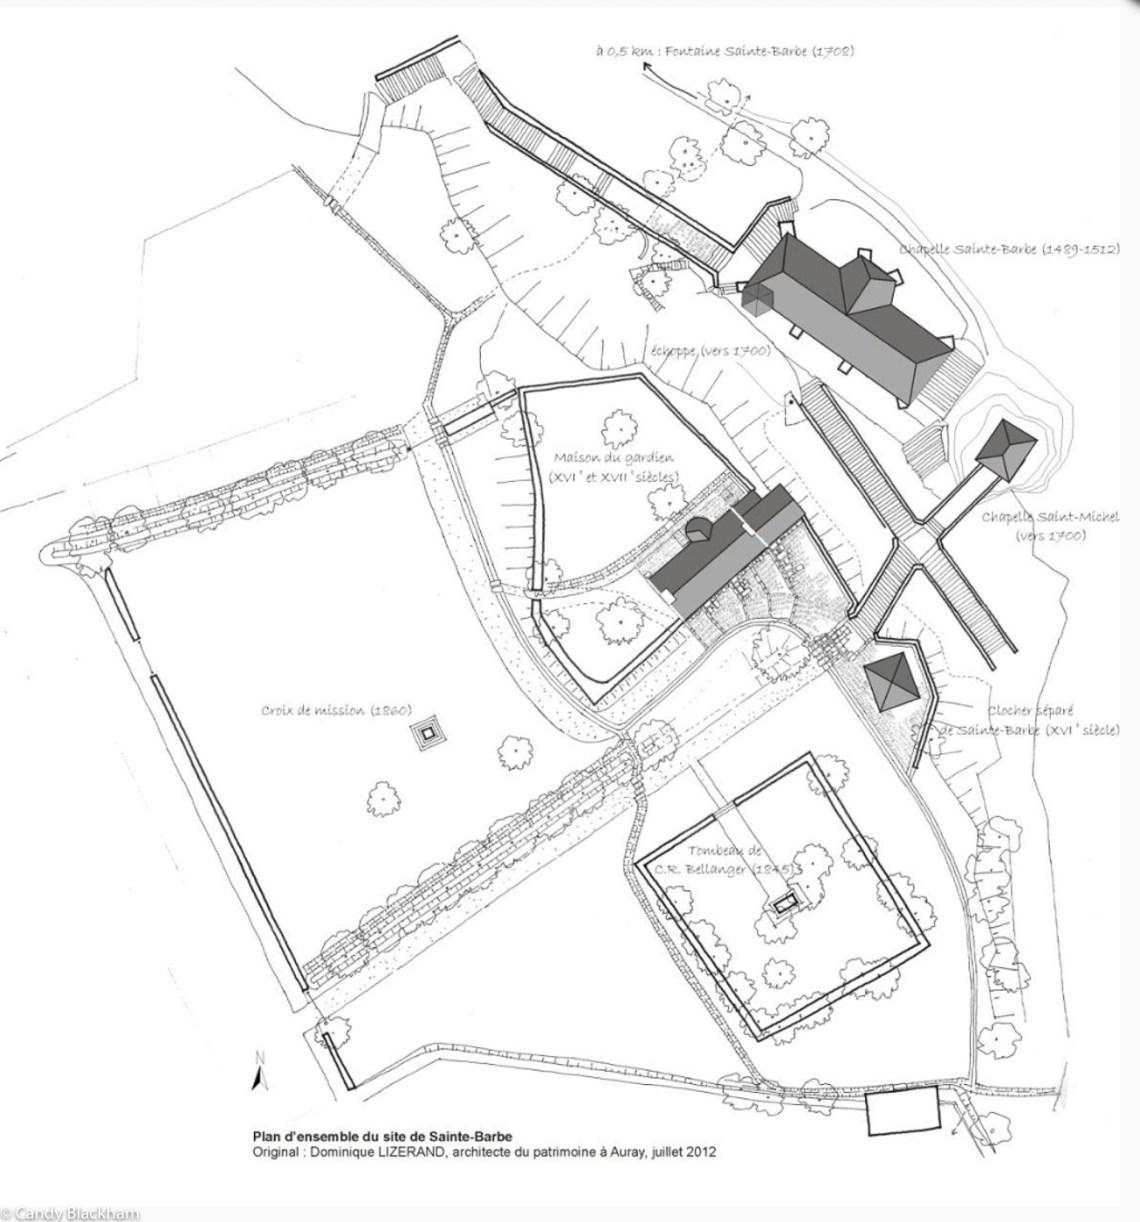 Site plan of Ste Barbe (https://www.lefaouet.fr/tourisme-culture-patrimoine/patrimoine/chapelle-sainte-barbe)